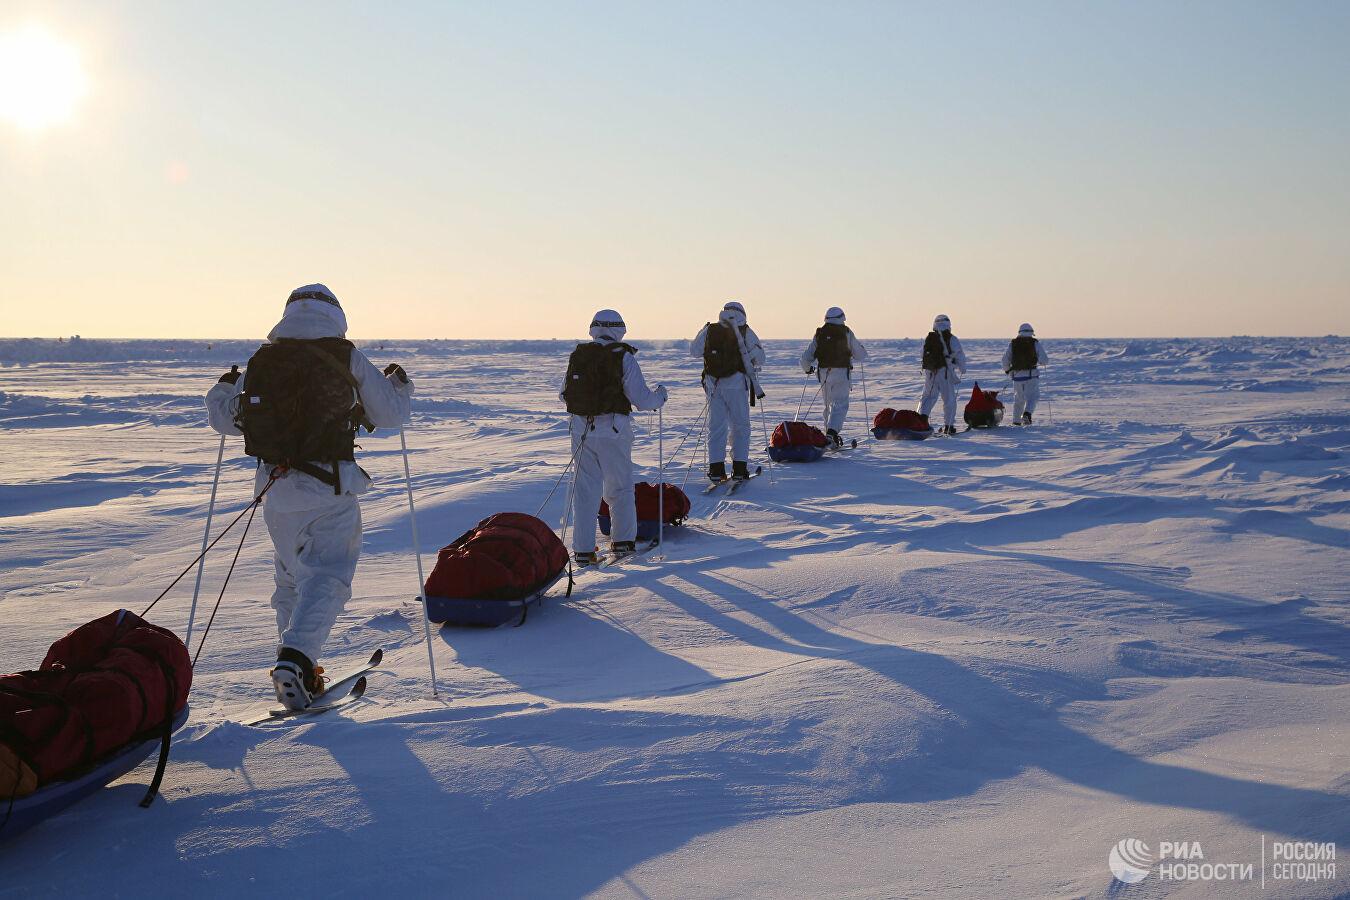 Развитие Арктики в фокусе Дня полярника